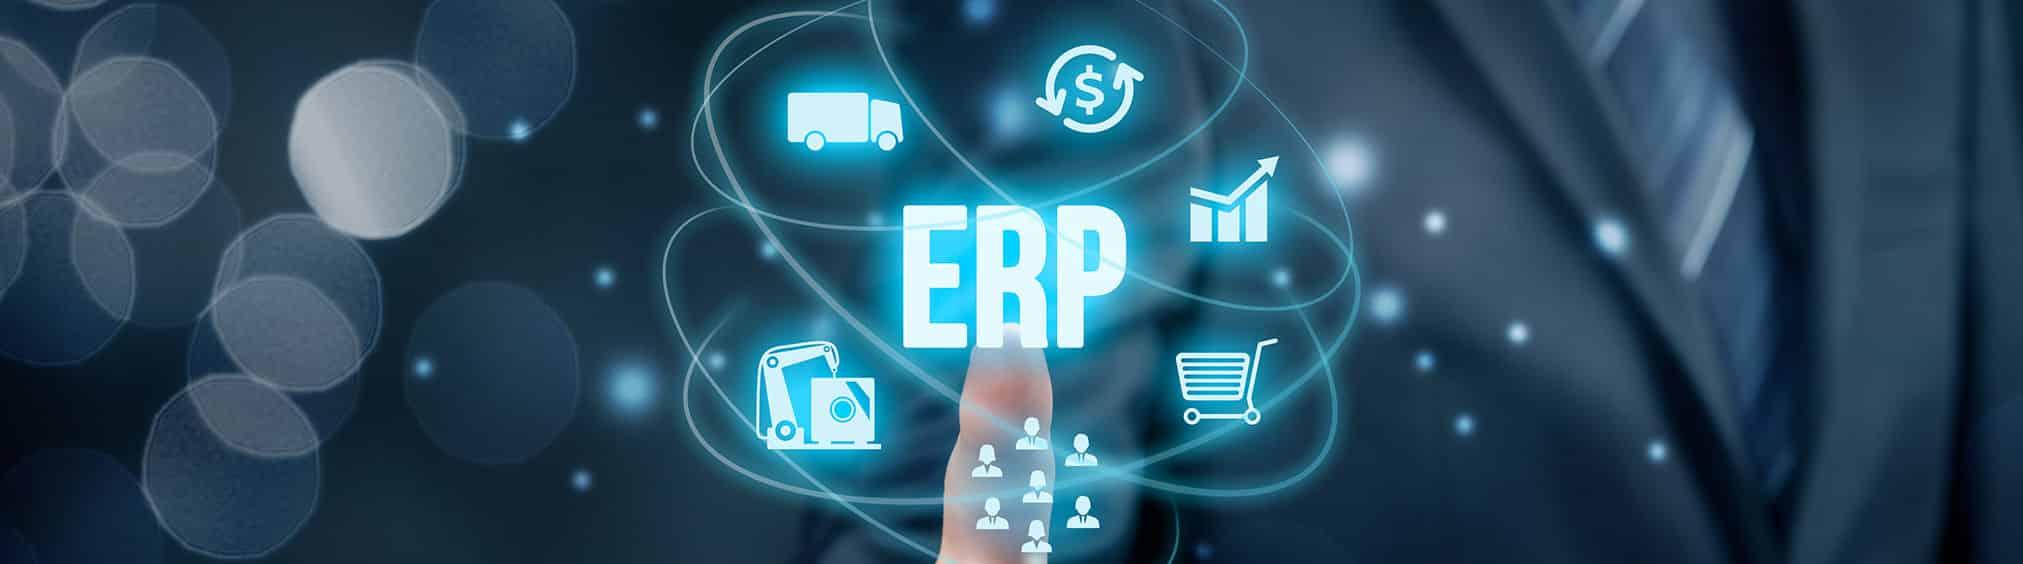 Software: EchoSCM ERP Apparel Management Software